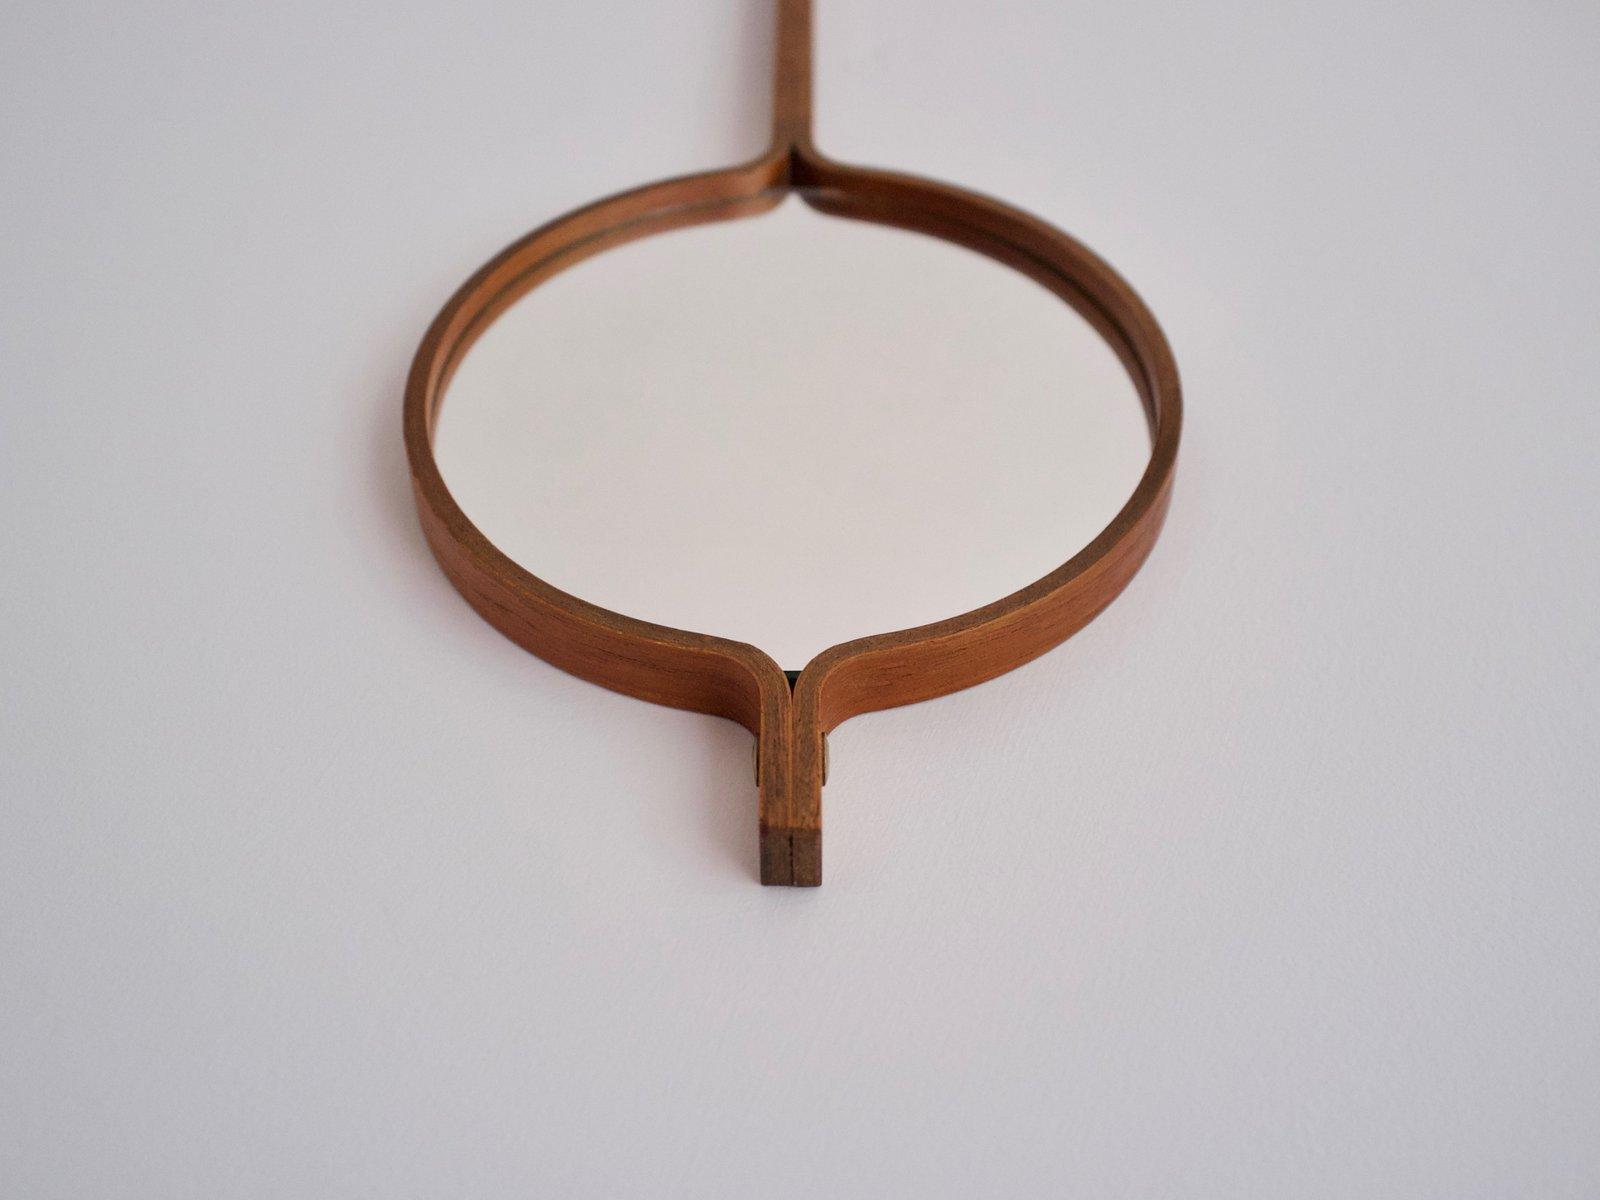 hand spiegel aus teak mit lederband von hans agne jakobsson 1950er bei pamono kaufen. Black Bedroom Furniture Sets. Home Design Ideas